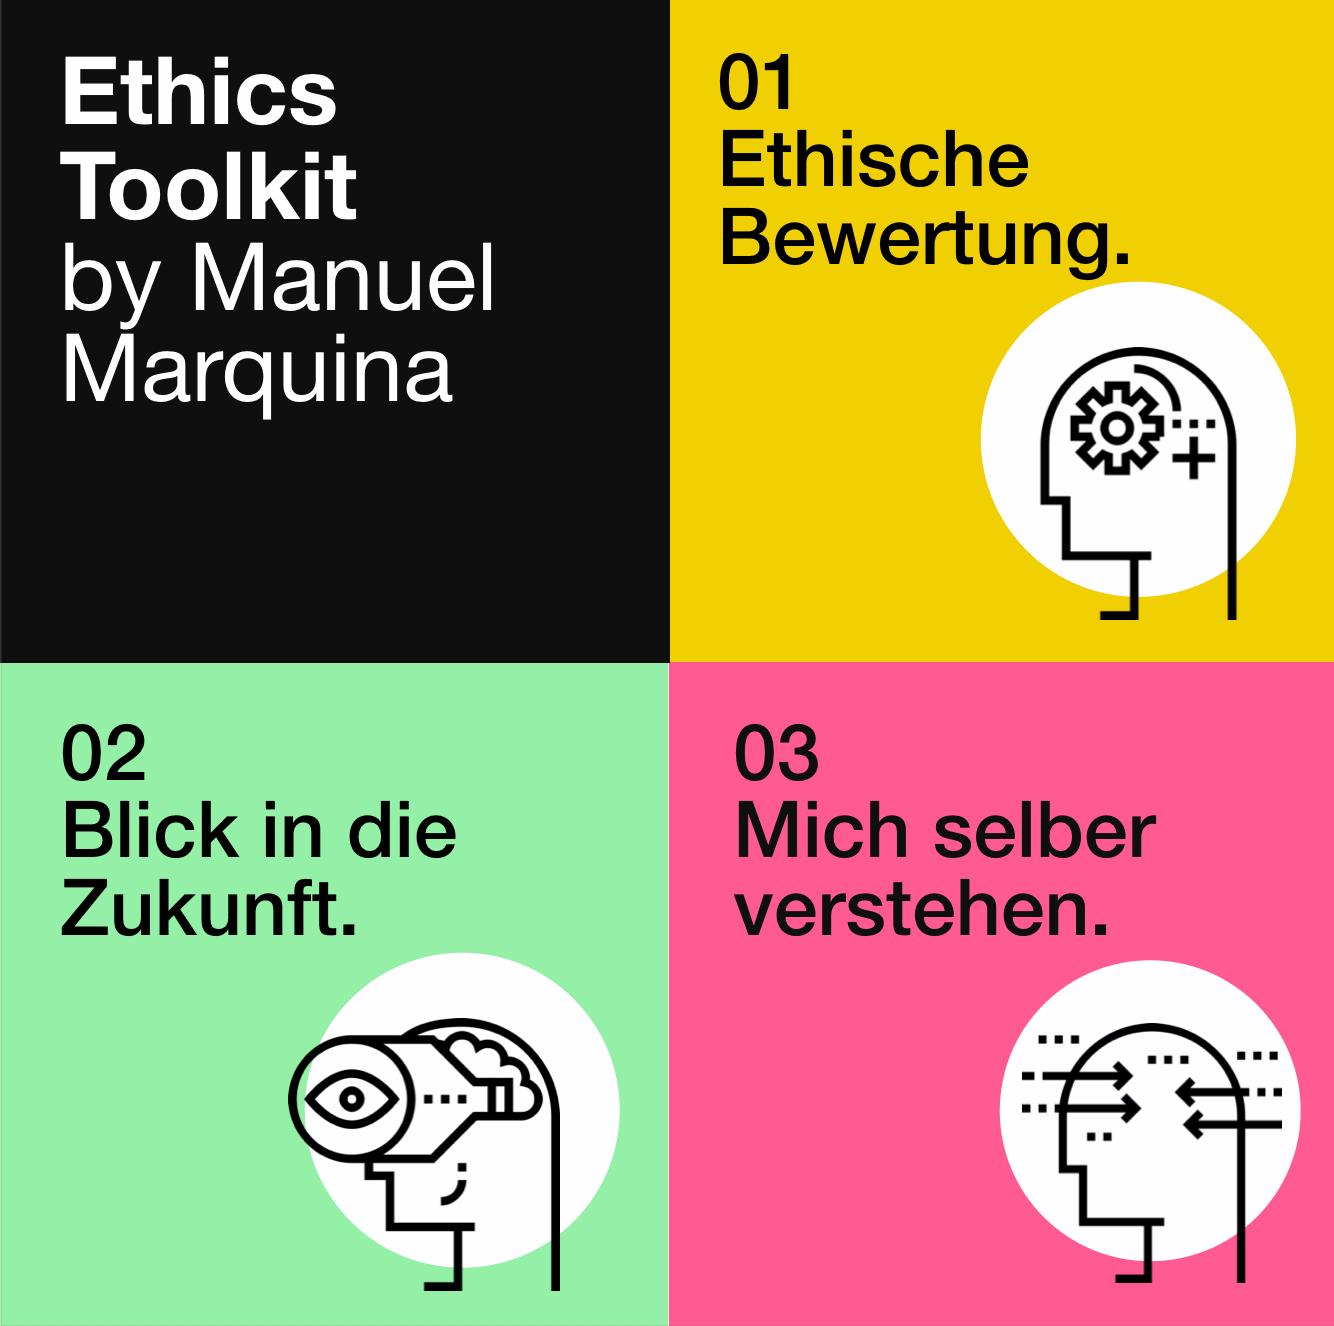 Ethics Toolkit - Apply Ethics to your work.Jedes Set beinhaltet Fragen, um unbeabsichtigte Folgen vorherzusehen. Nehmt diese auch zum nächsten Brainstorming oder Meeting mit, um die Auswirkungen eurer Produkte besser zu verstehen.